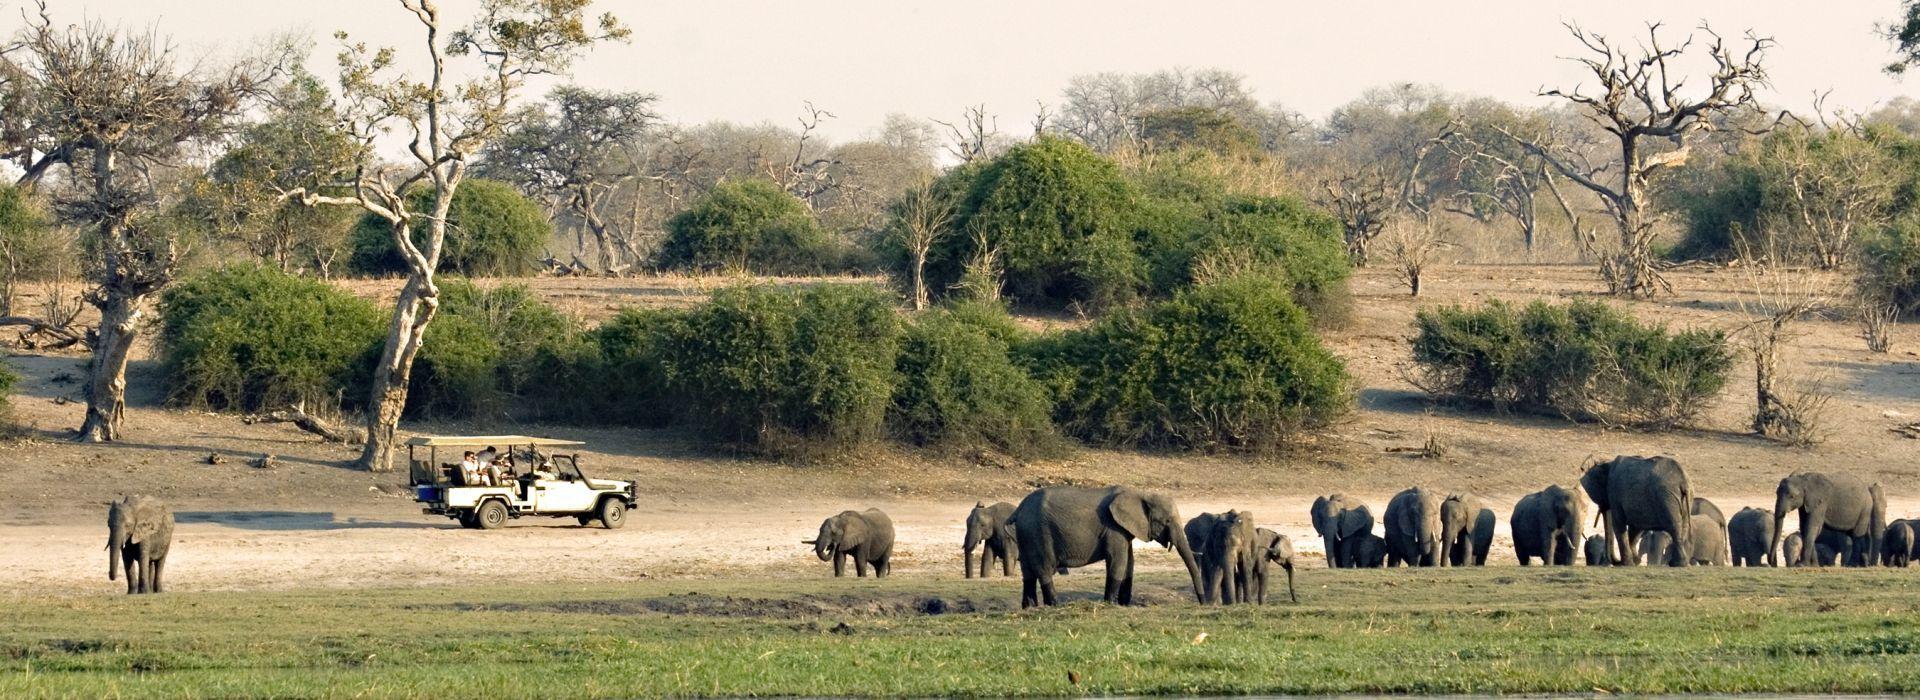 Botswana Tours and Trips to Botswana